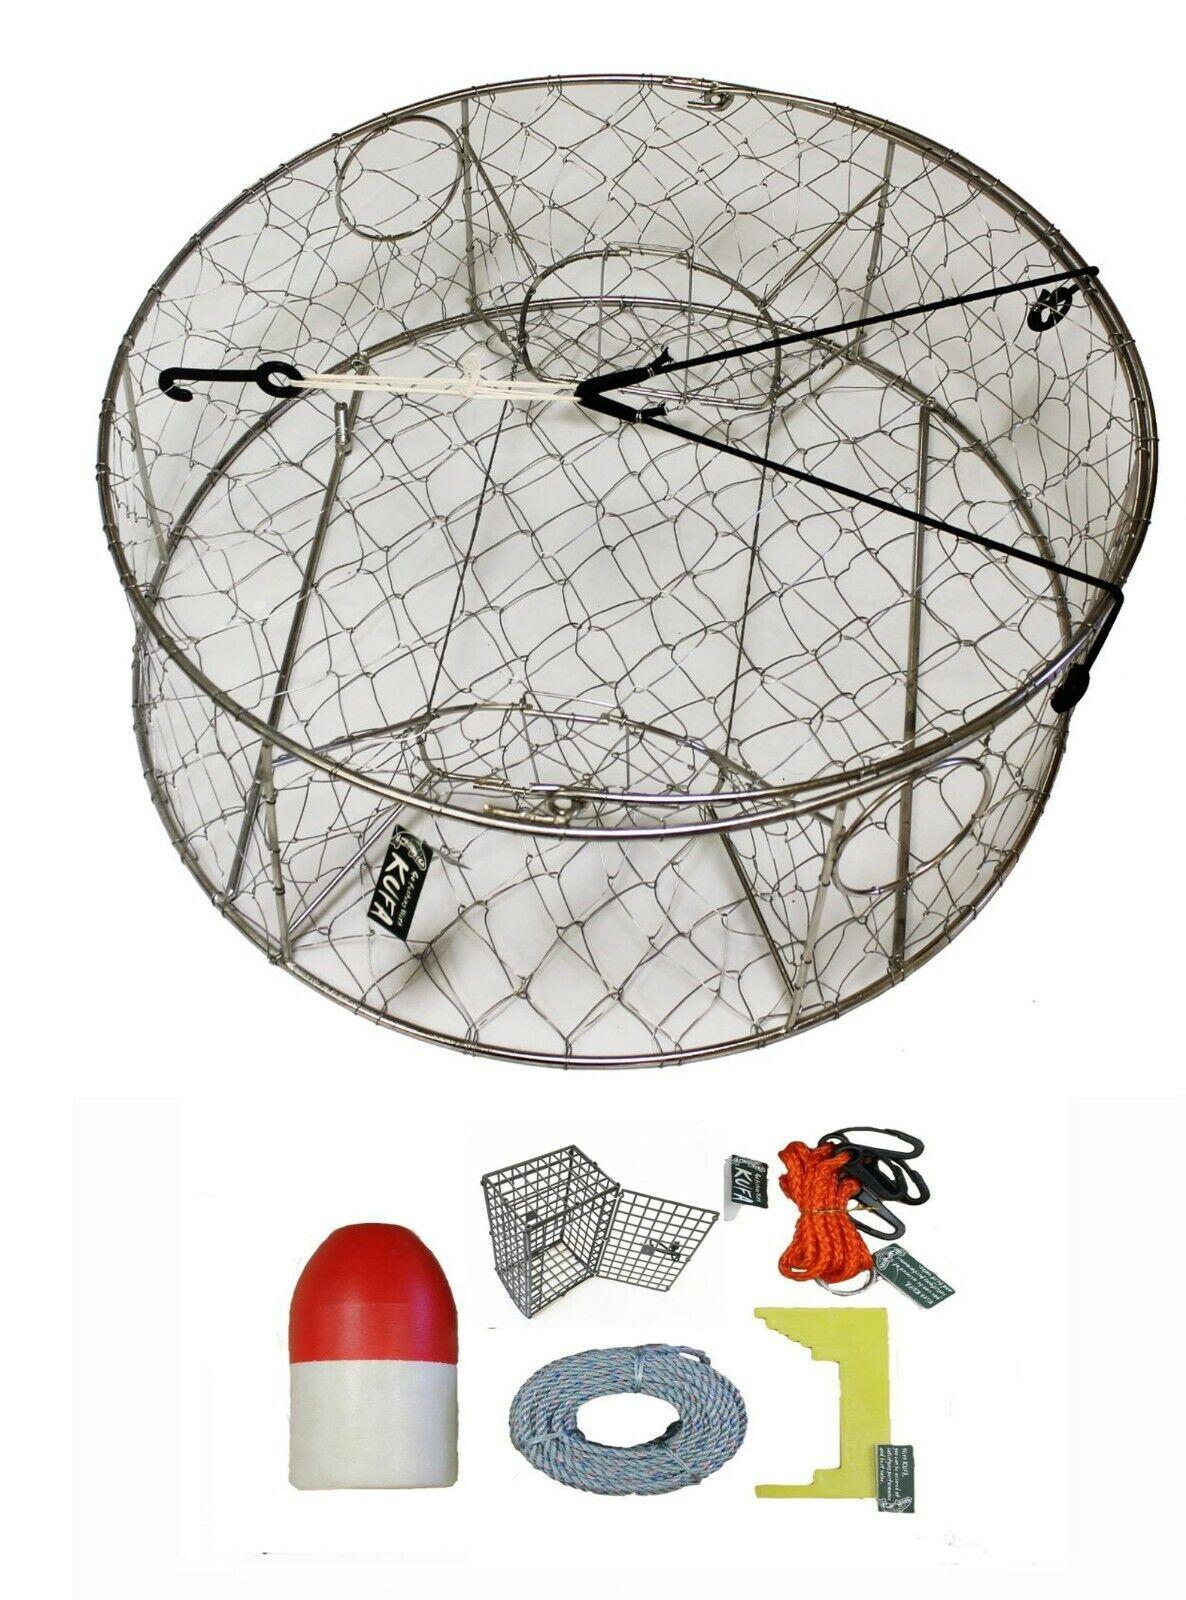 KUFA Stainless Steel Crab Trap mit Zinkanode & Zubehör Kit (CT100 CEC1 ZIN1)